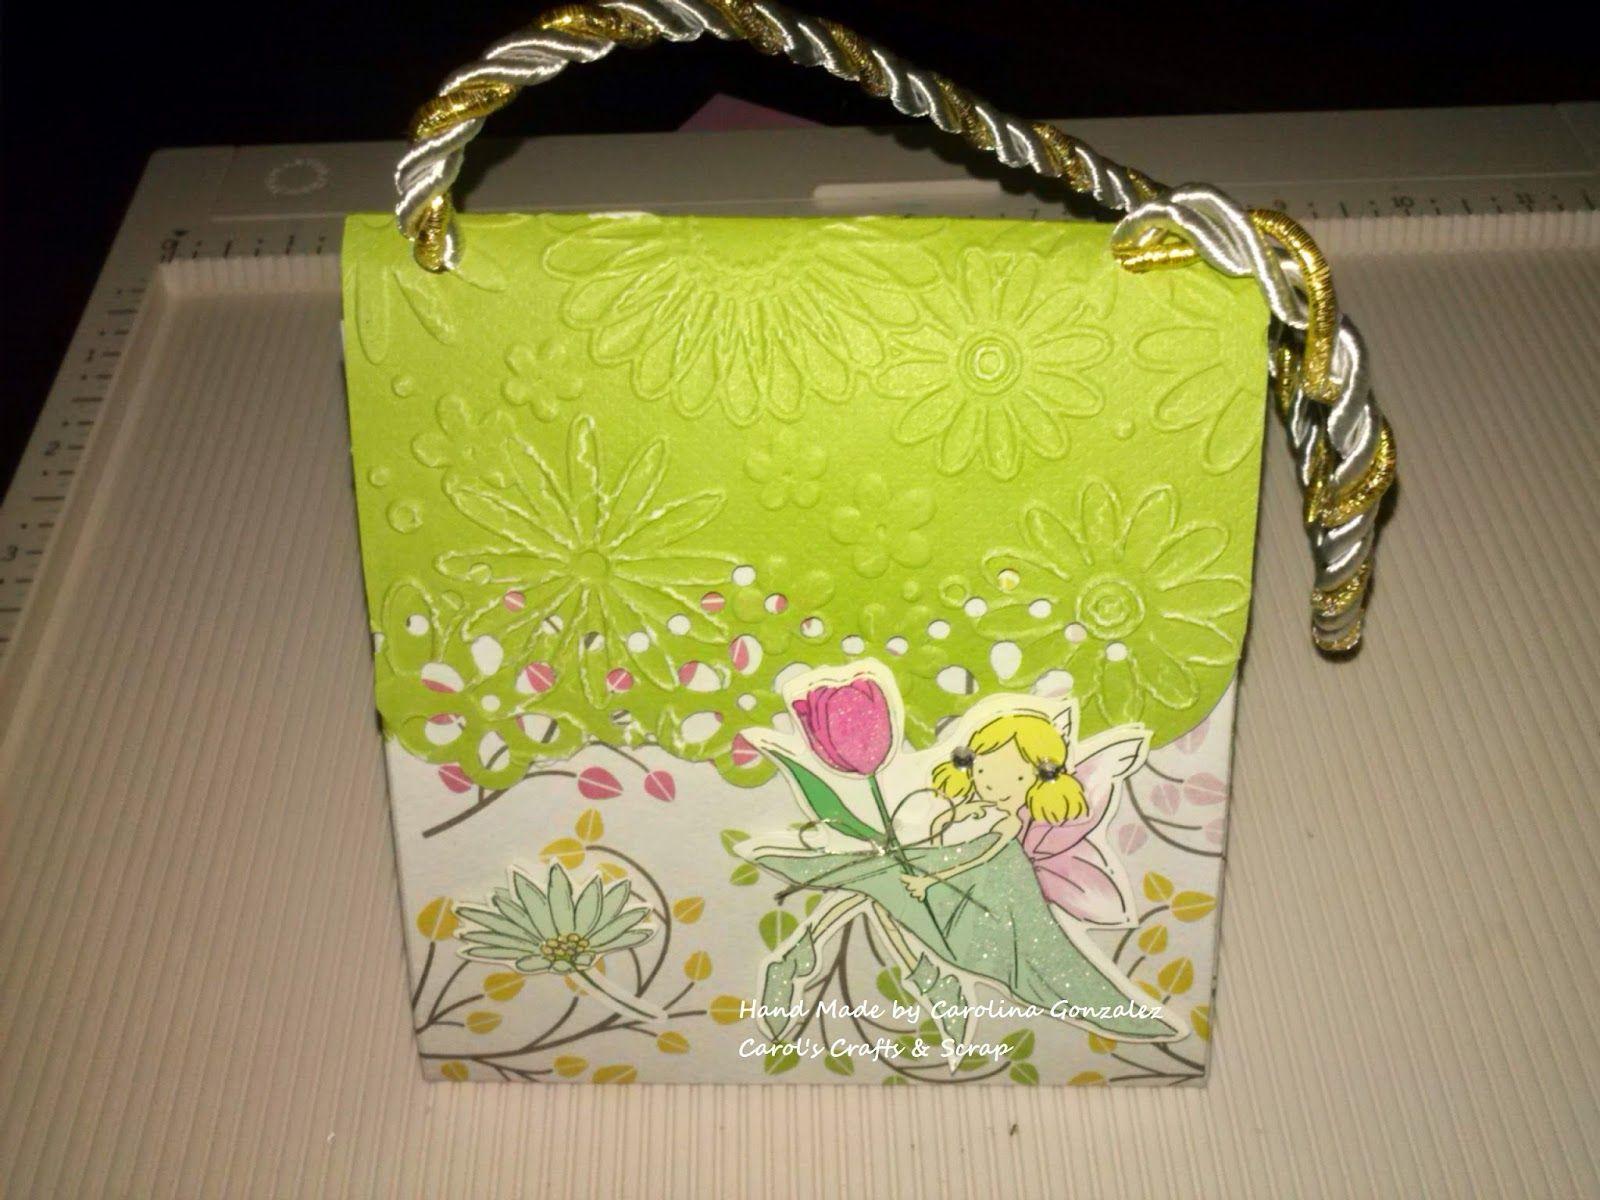 Carol's Crafts & Scraps: crafting